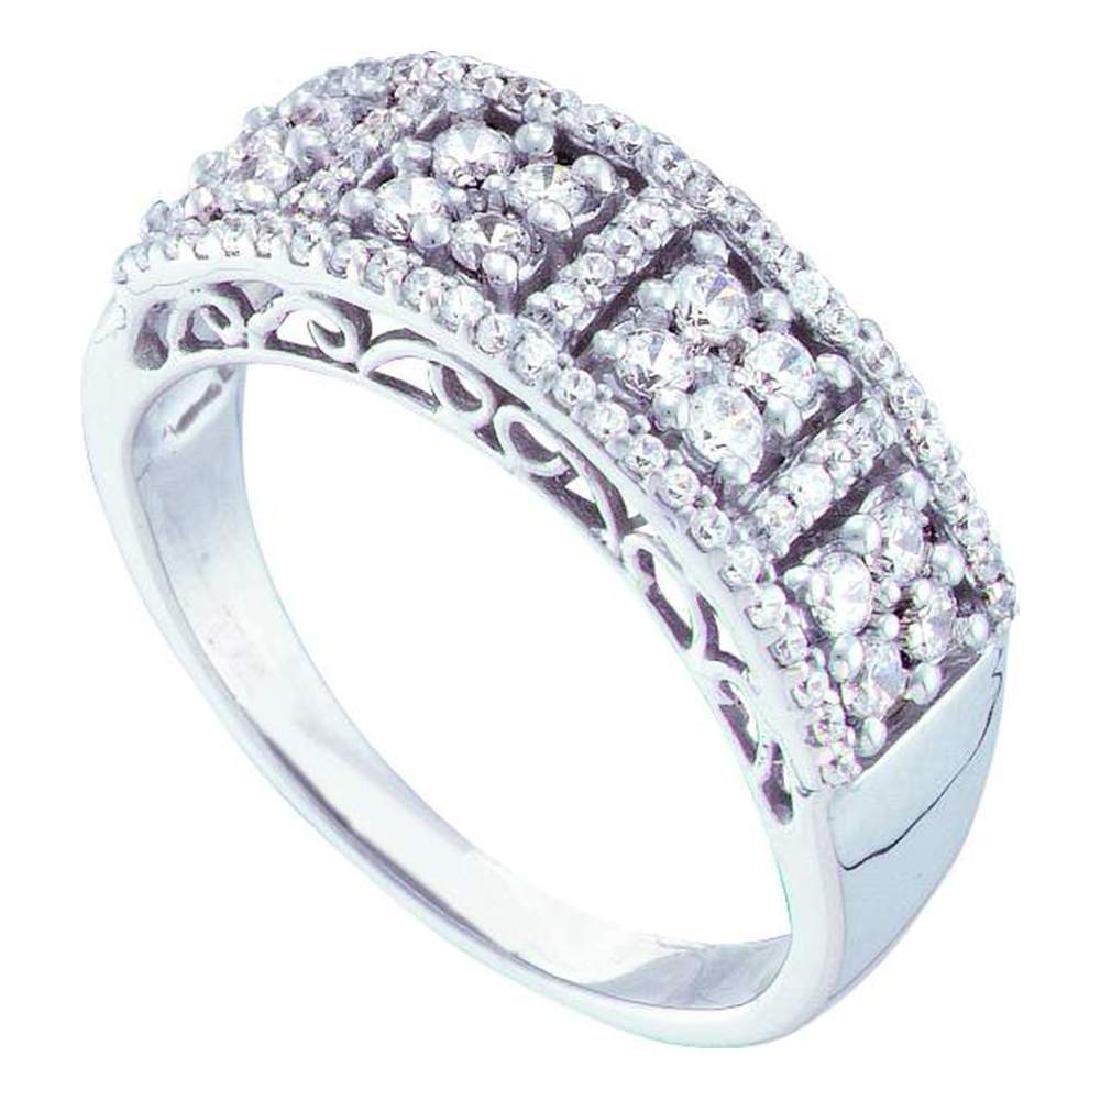 0.51 CTW Diamond Symmetrical Cluster Ring 14KT White